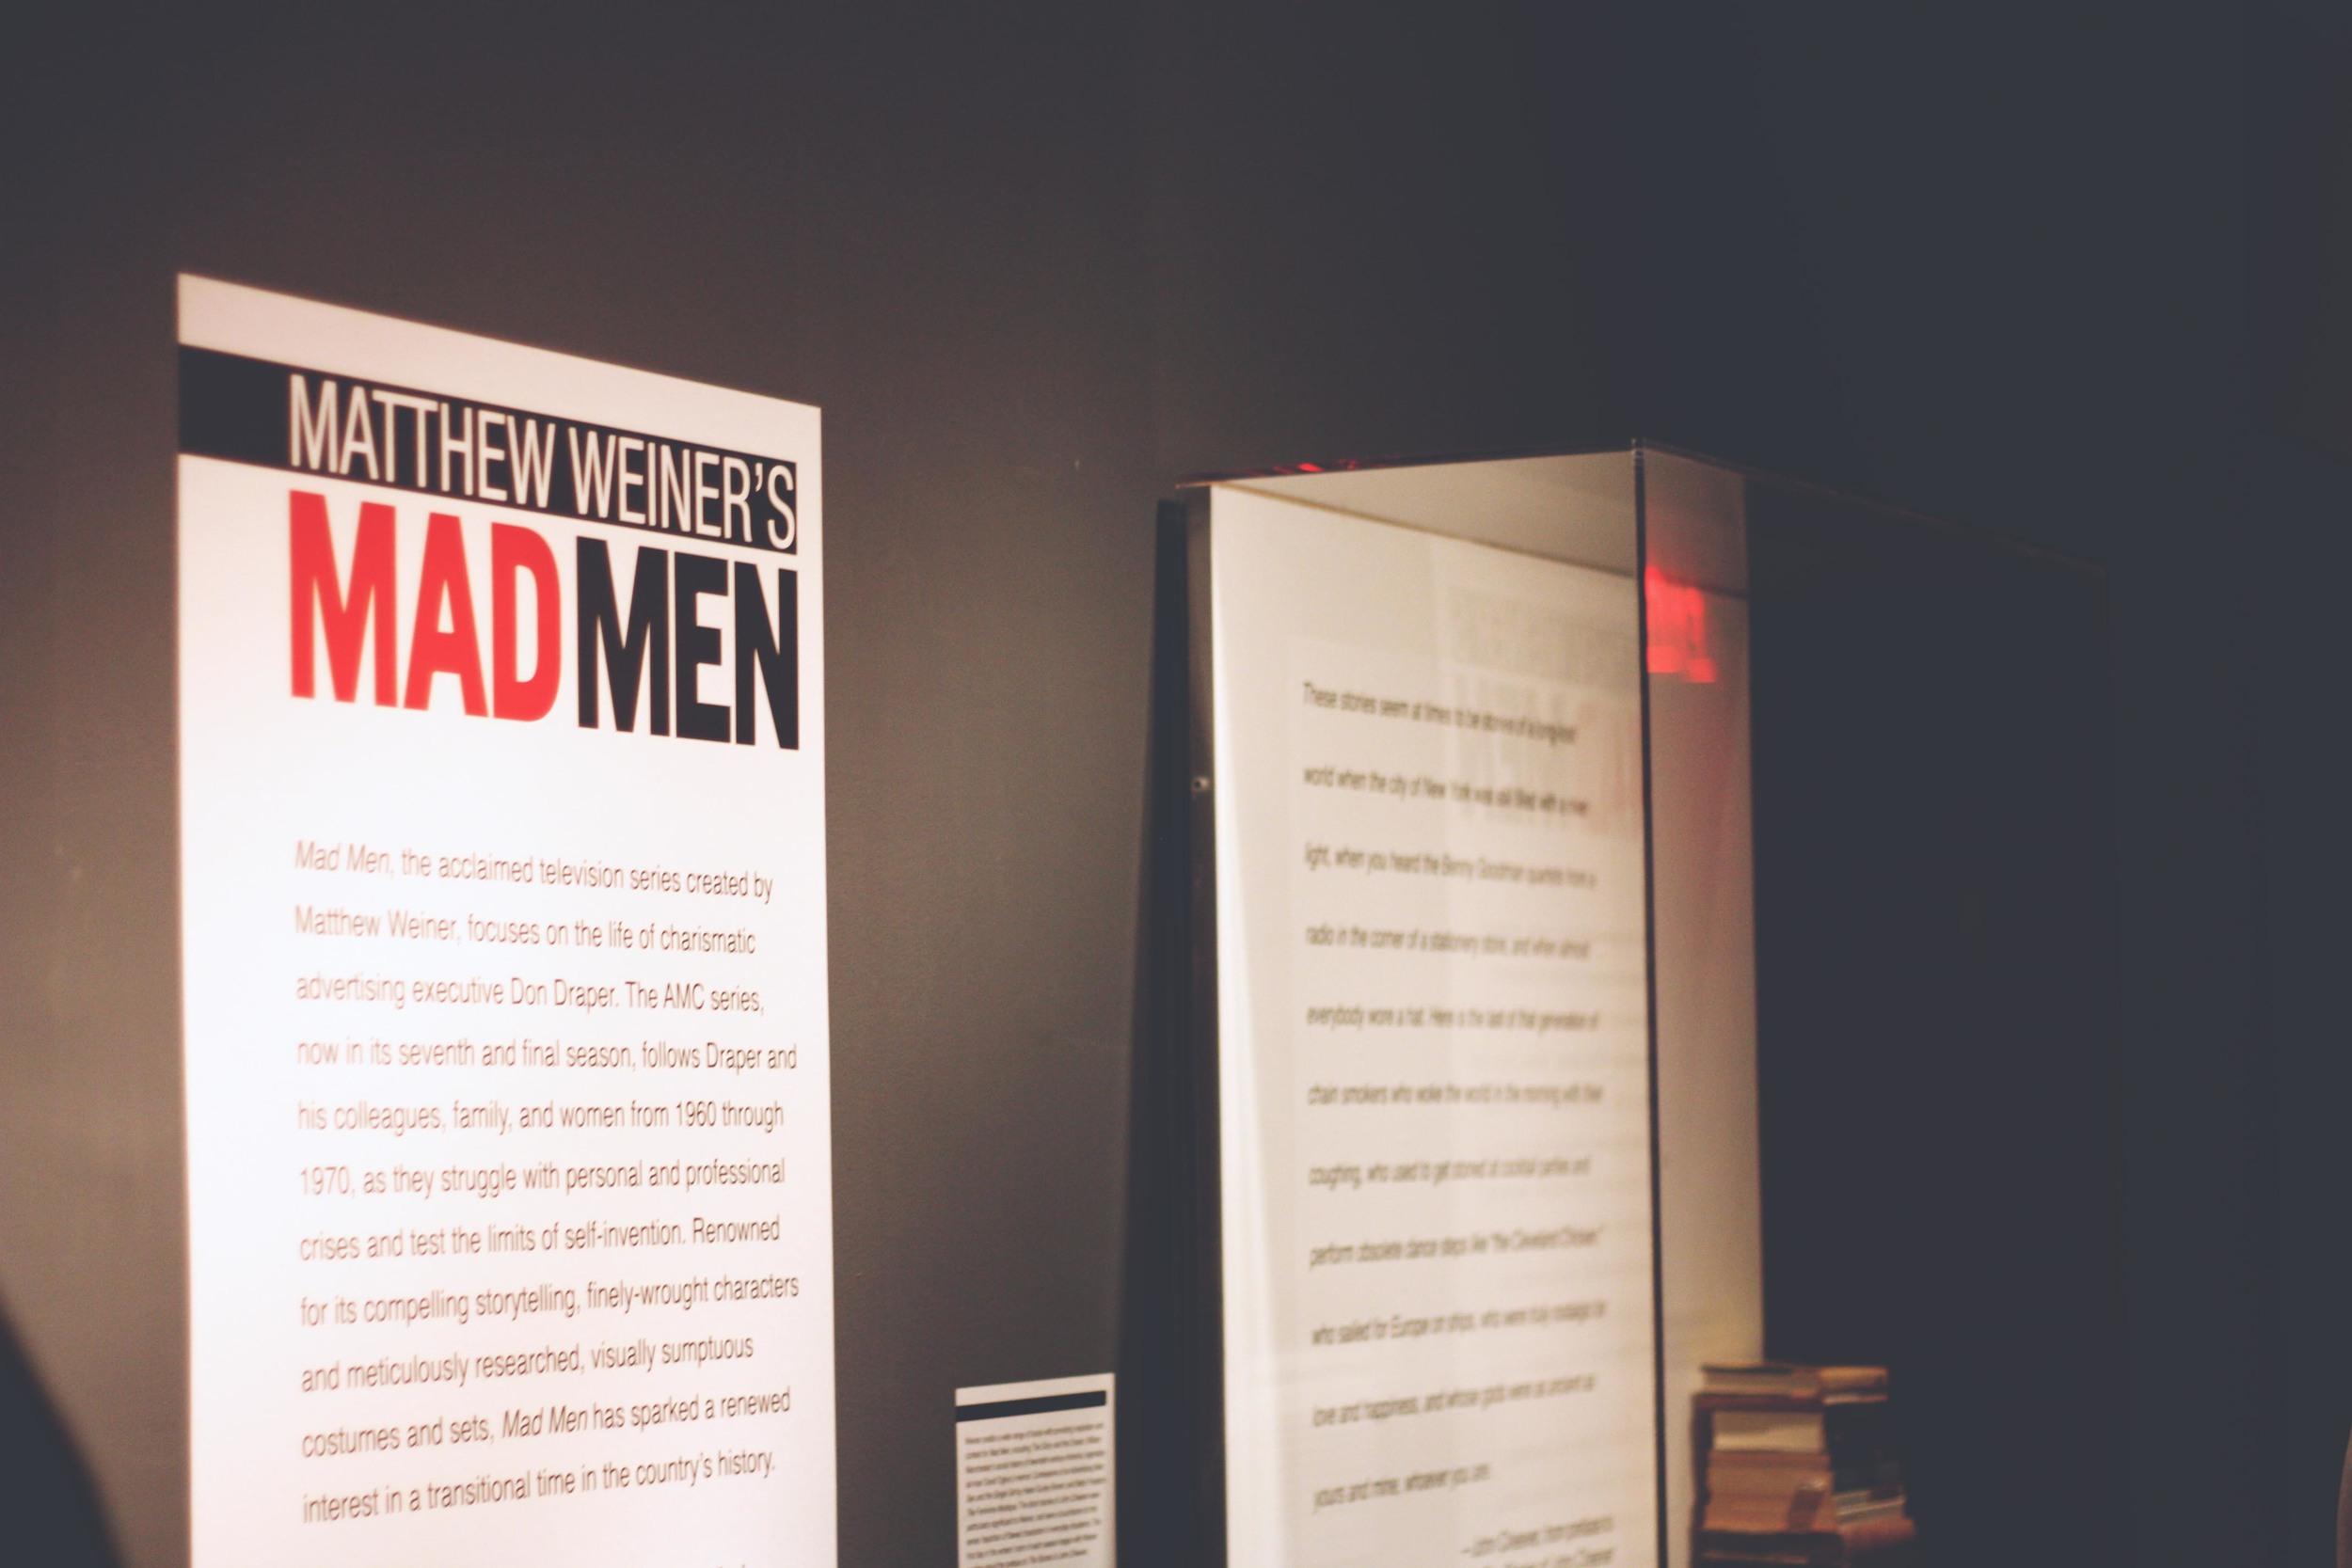 mad-men-exhibit